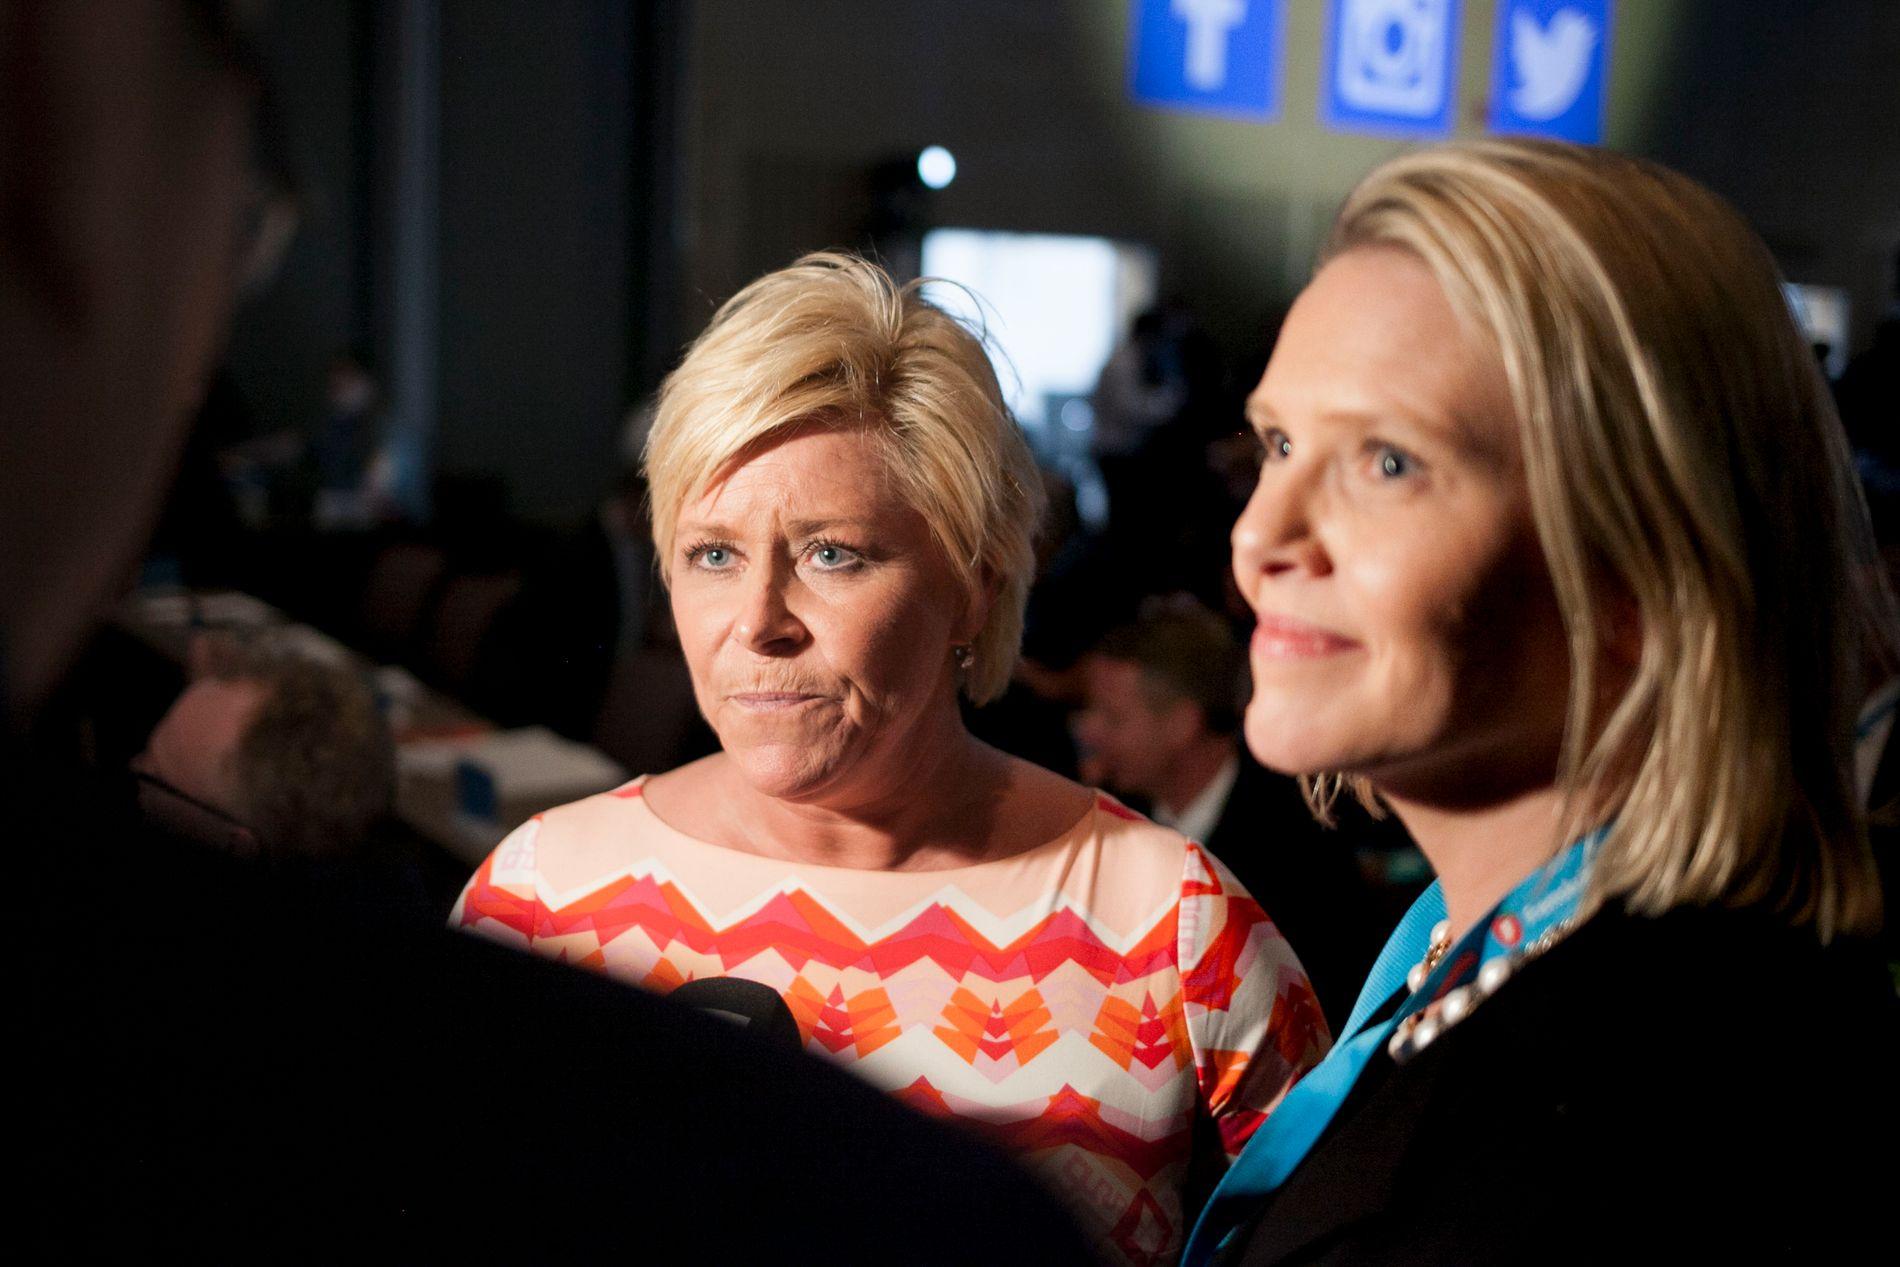 KRONPRINSESSEN: Frp-leder og finansminister Siv Jensen, her med kvinnen som kan ta over partiet etter henne – statsråd Sylvi Listhaug. Bildet er tatt på Frps landsmøte i fjor.